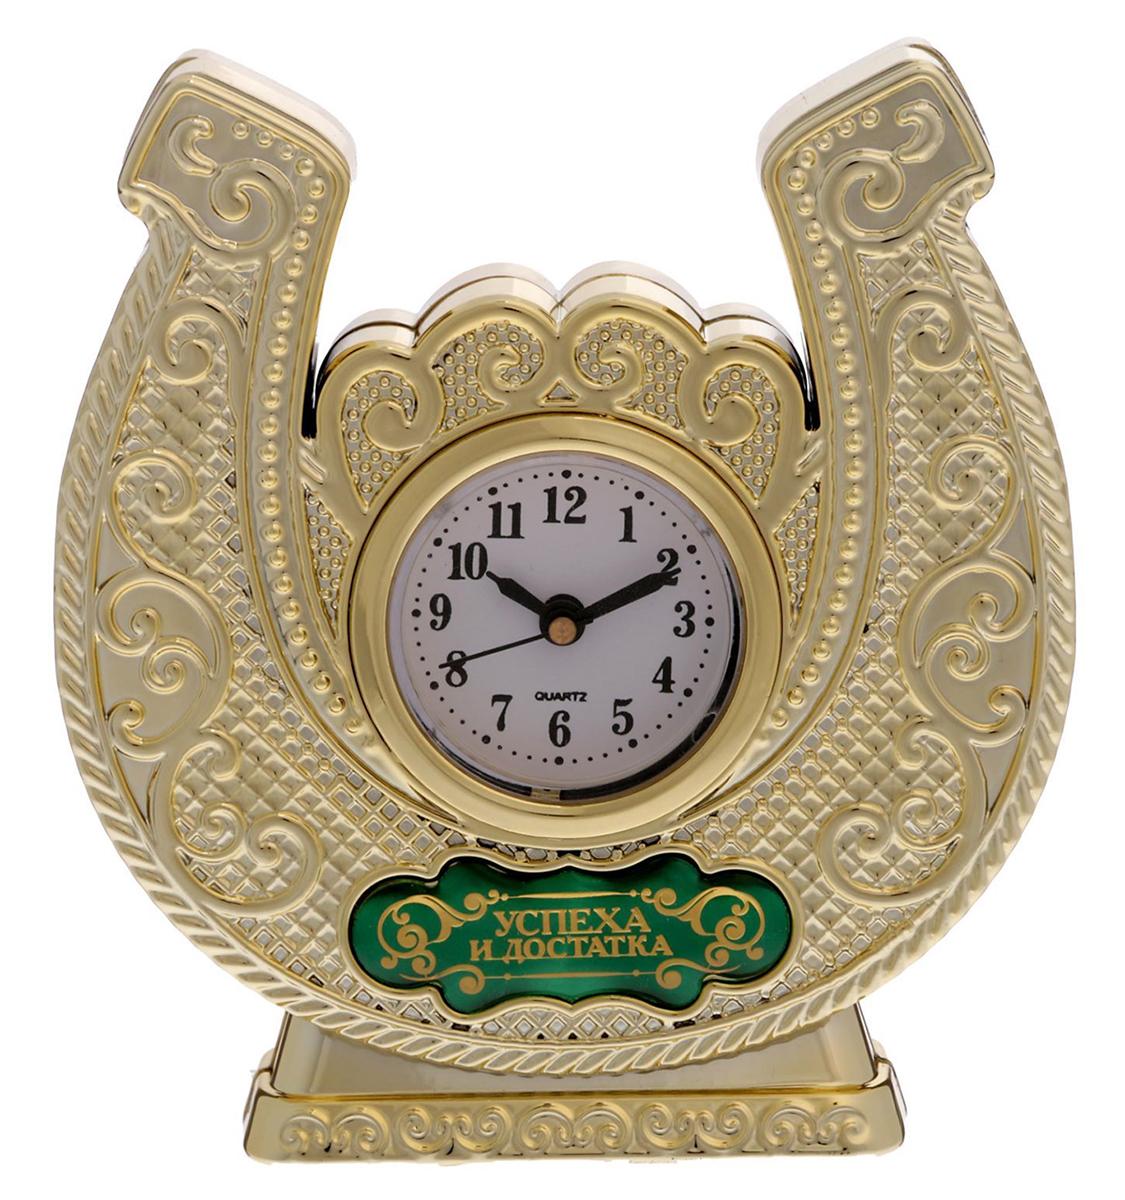 Часы настольные Успеха и достатка, 11,6 х 12,2 см. 16929091692909Время покорять мир Эти часы — прекрасный подарок 2 в 1! Они помогут правильно всё спланировать, а подкова принесёт удачу в делах и начинаниях. Фигурная статуэтка украшена шильдиком с добрым пожеланием, на обратной стороне выгравирована мотивирующая надпись. Инструкция Аккуратно достаньте механизм с циферблатом из корпуса. Установите время с помощью колёсика. Вставьте механизм обратно. Часы работают от батареек AG 13. Сувенир преподносится в подарочной коробочке с прозрачным окном.